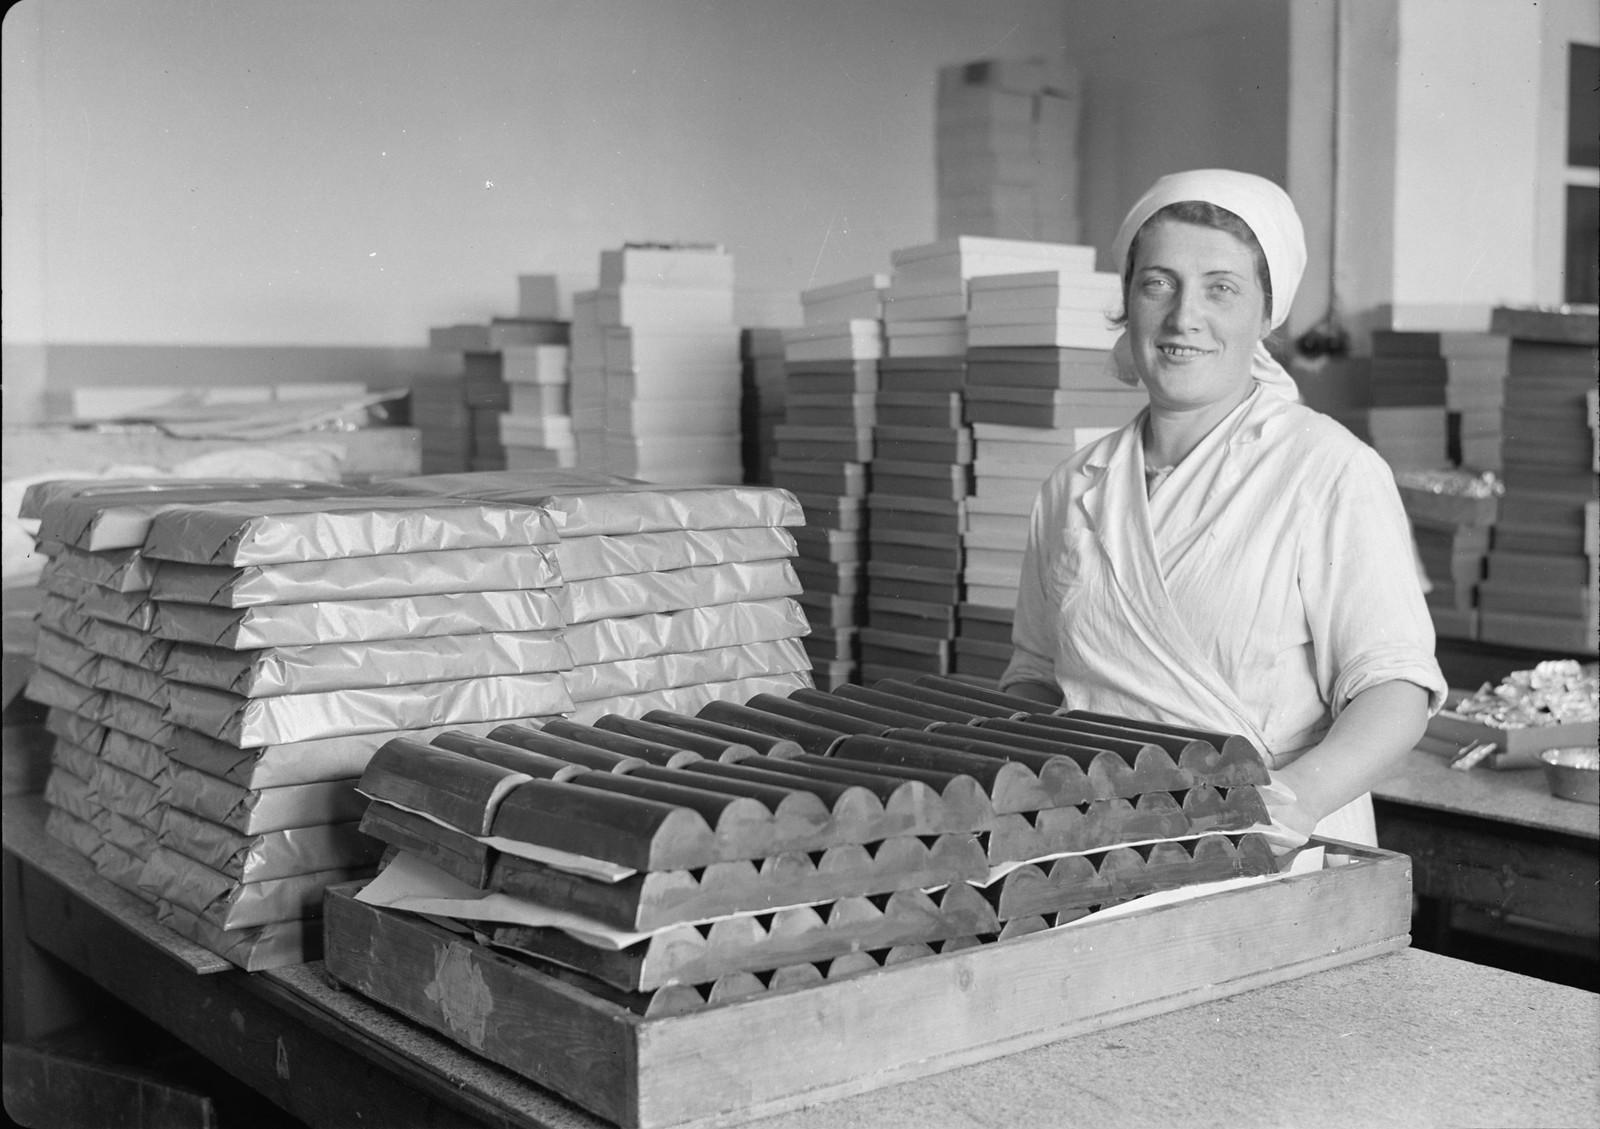 07. Упаковка крупных брикетов для приготовления шоколада